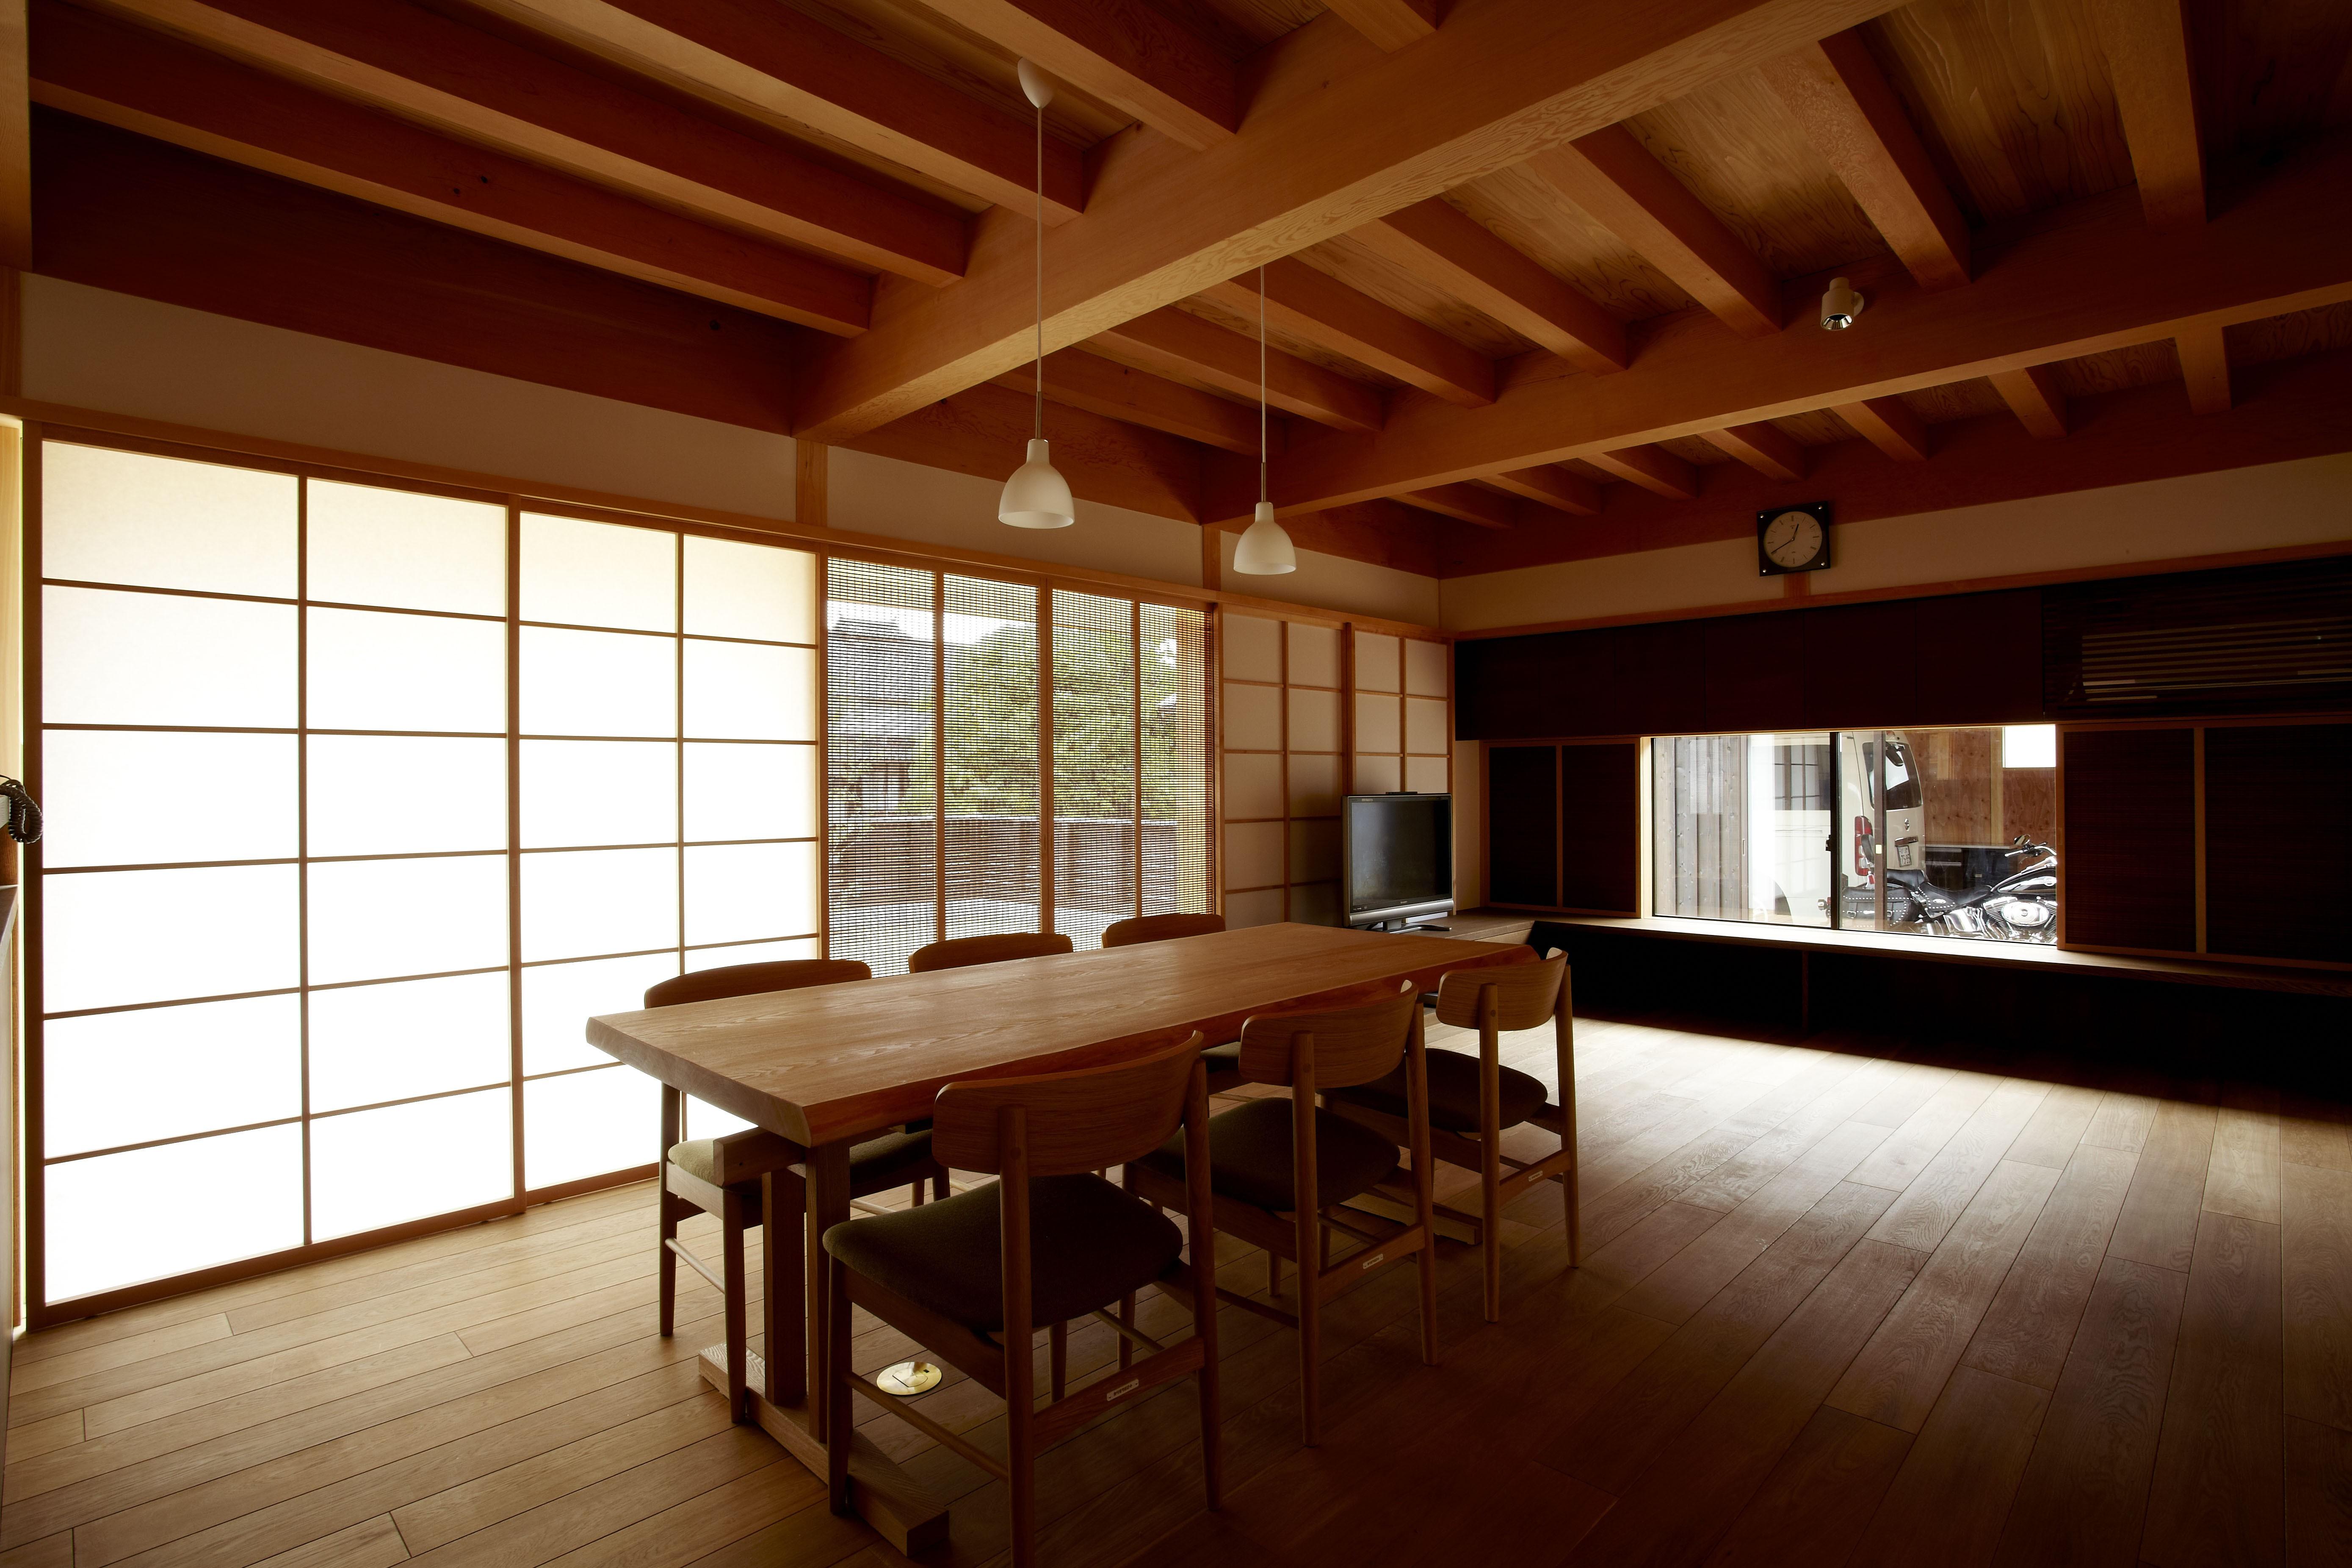 リビングダイニング事例:居間食堂(ウッドデッキで繋がる空間|趣味を楽しむ住まい 姫路の家)